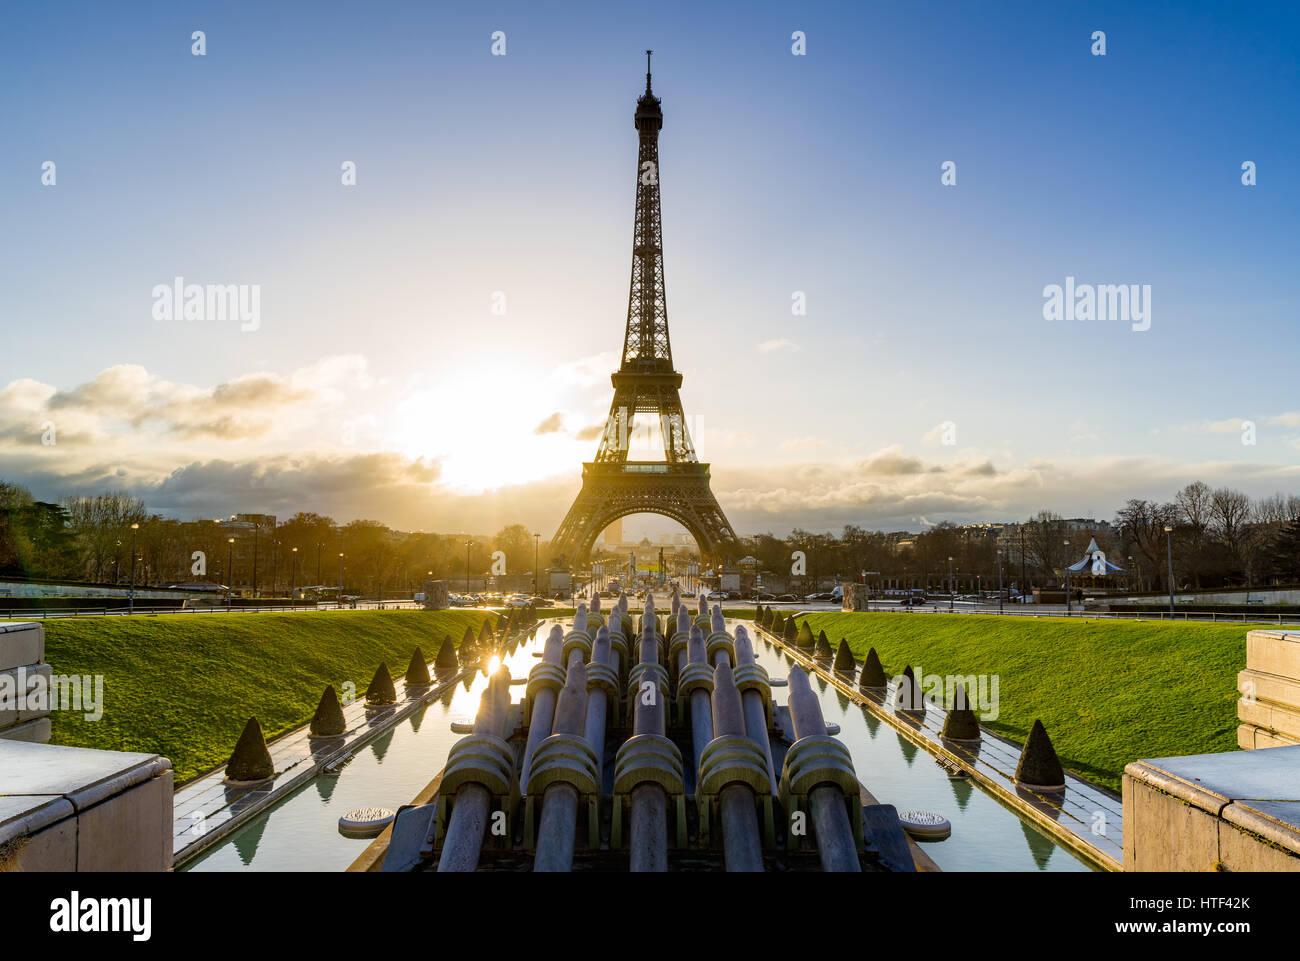 Sonnenaufgang auf dem Eiffelturm und Trocadero. Paris, Frankreich Stockfoto